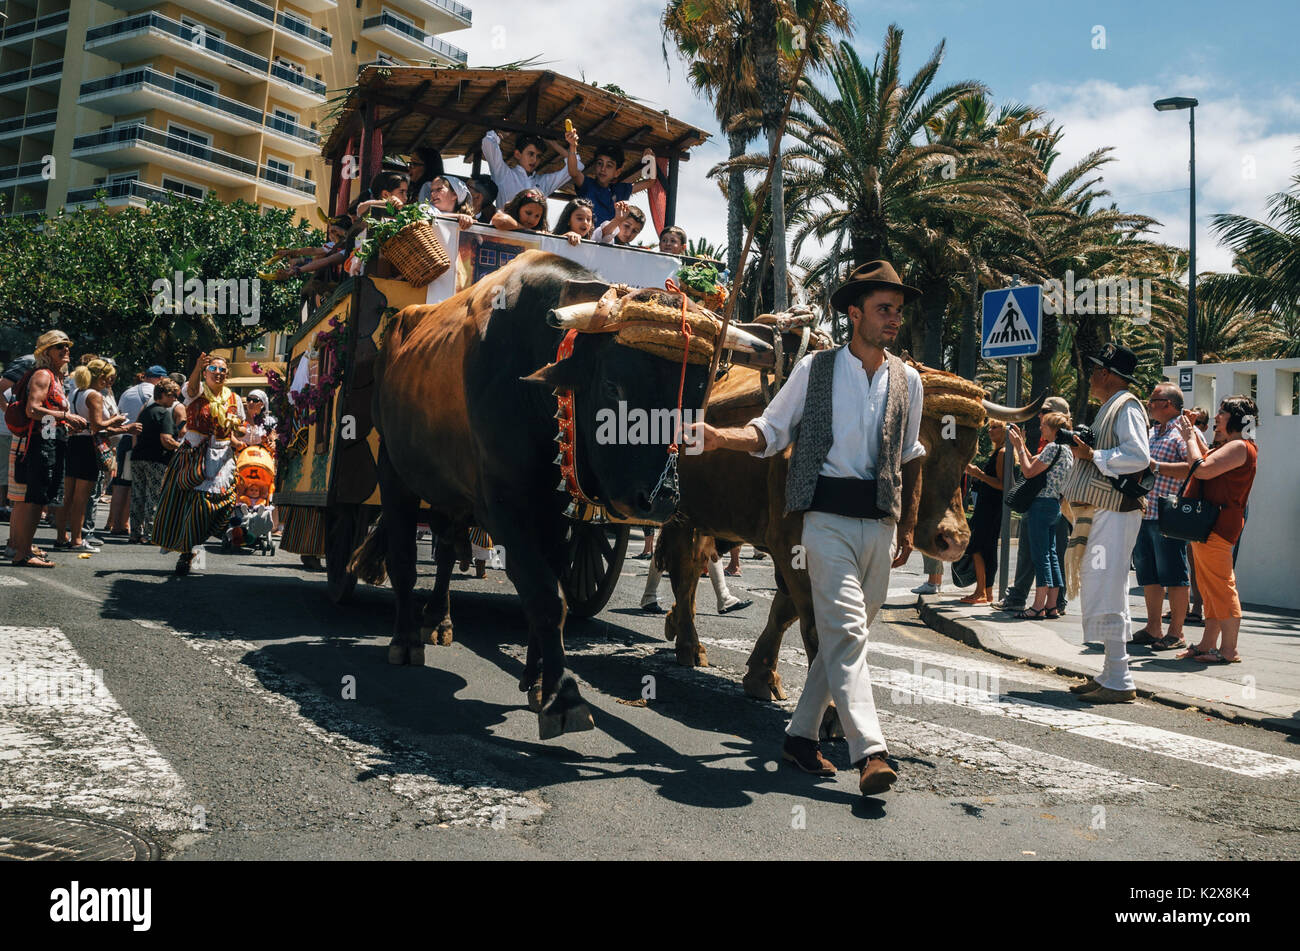 Puerto de la Cruz, Teneriffa, Kanarische Inseln, Spanien - 30. Mai 2017: Eingerichtet Stier gezogenen Wagen und Canarias Menschen in traditionellen Kleidung teilnehmen Ich Stockbild